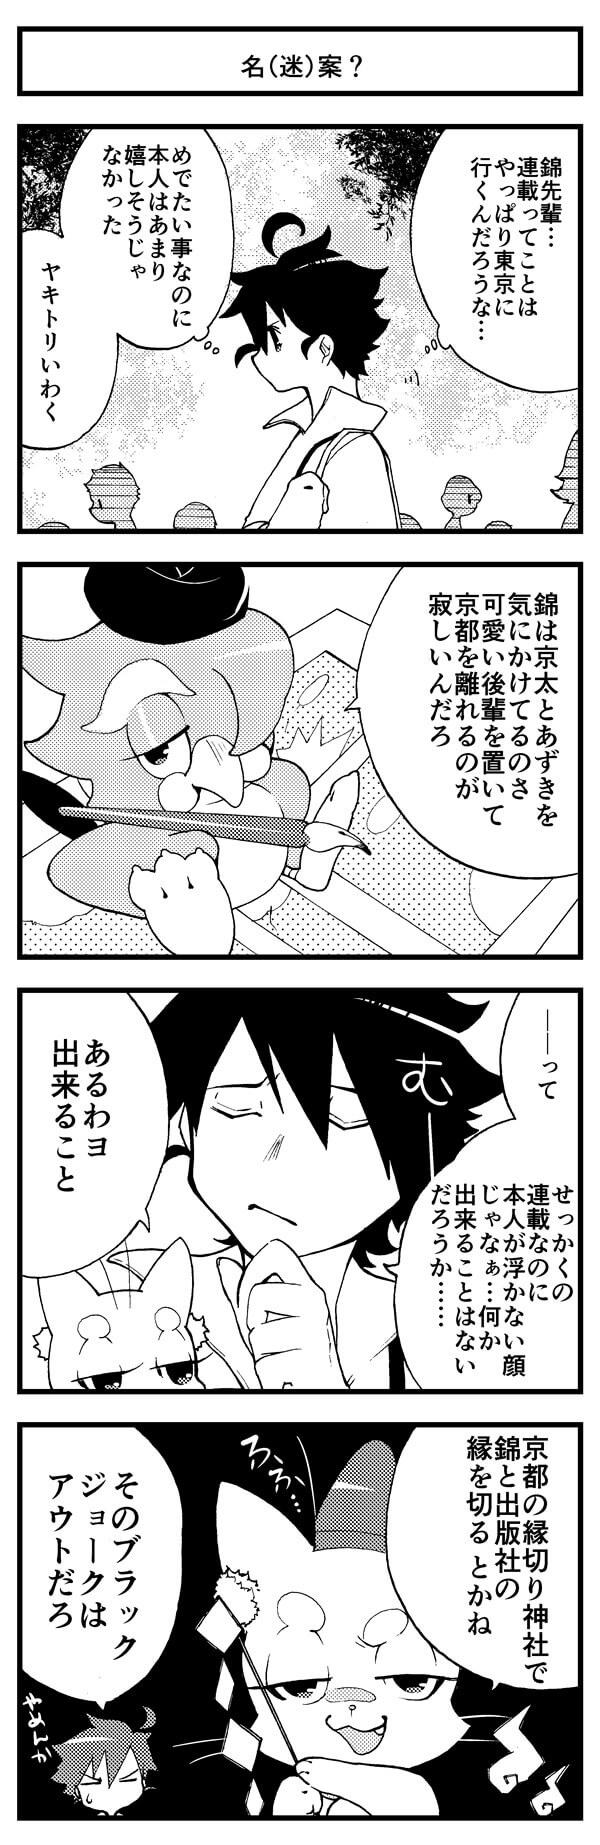 『京都クロスメディアParty!』 【第26話】